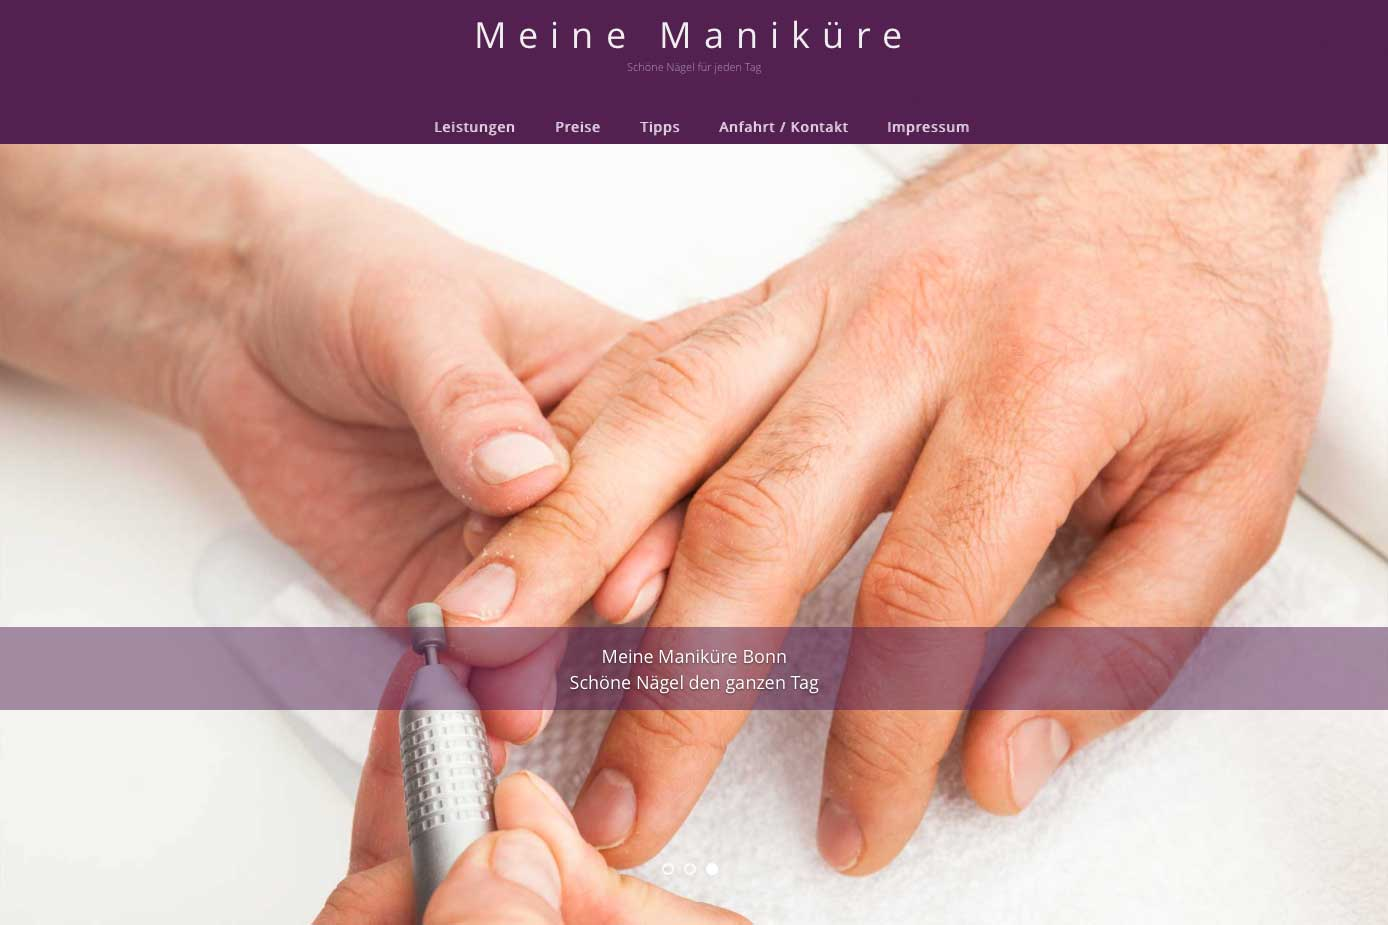 Die Nägel einer Männerhand werden von einer Frau mit einem speziellen Schleifgerät gekürzt